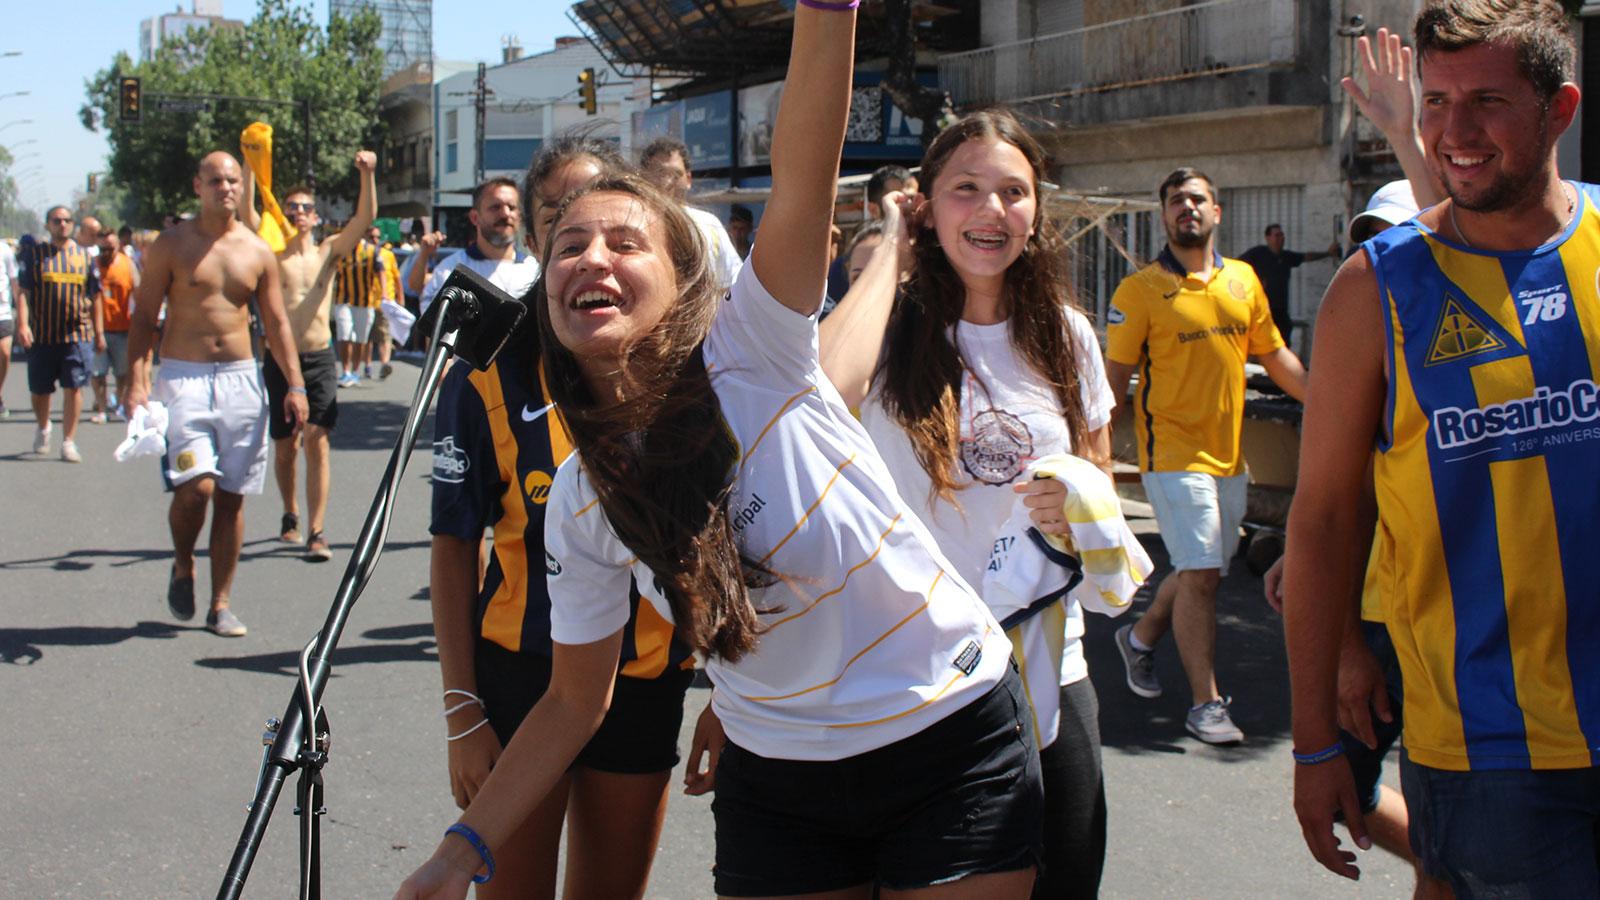 Entusiasmo auriazul en los minutos previos al partido del año.